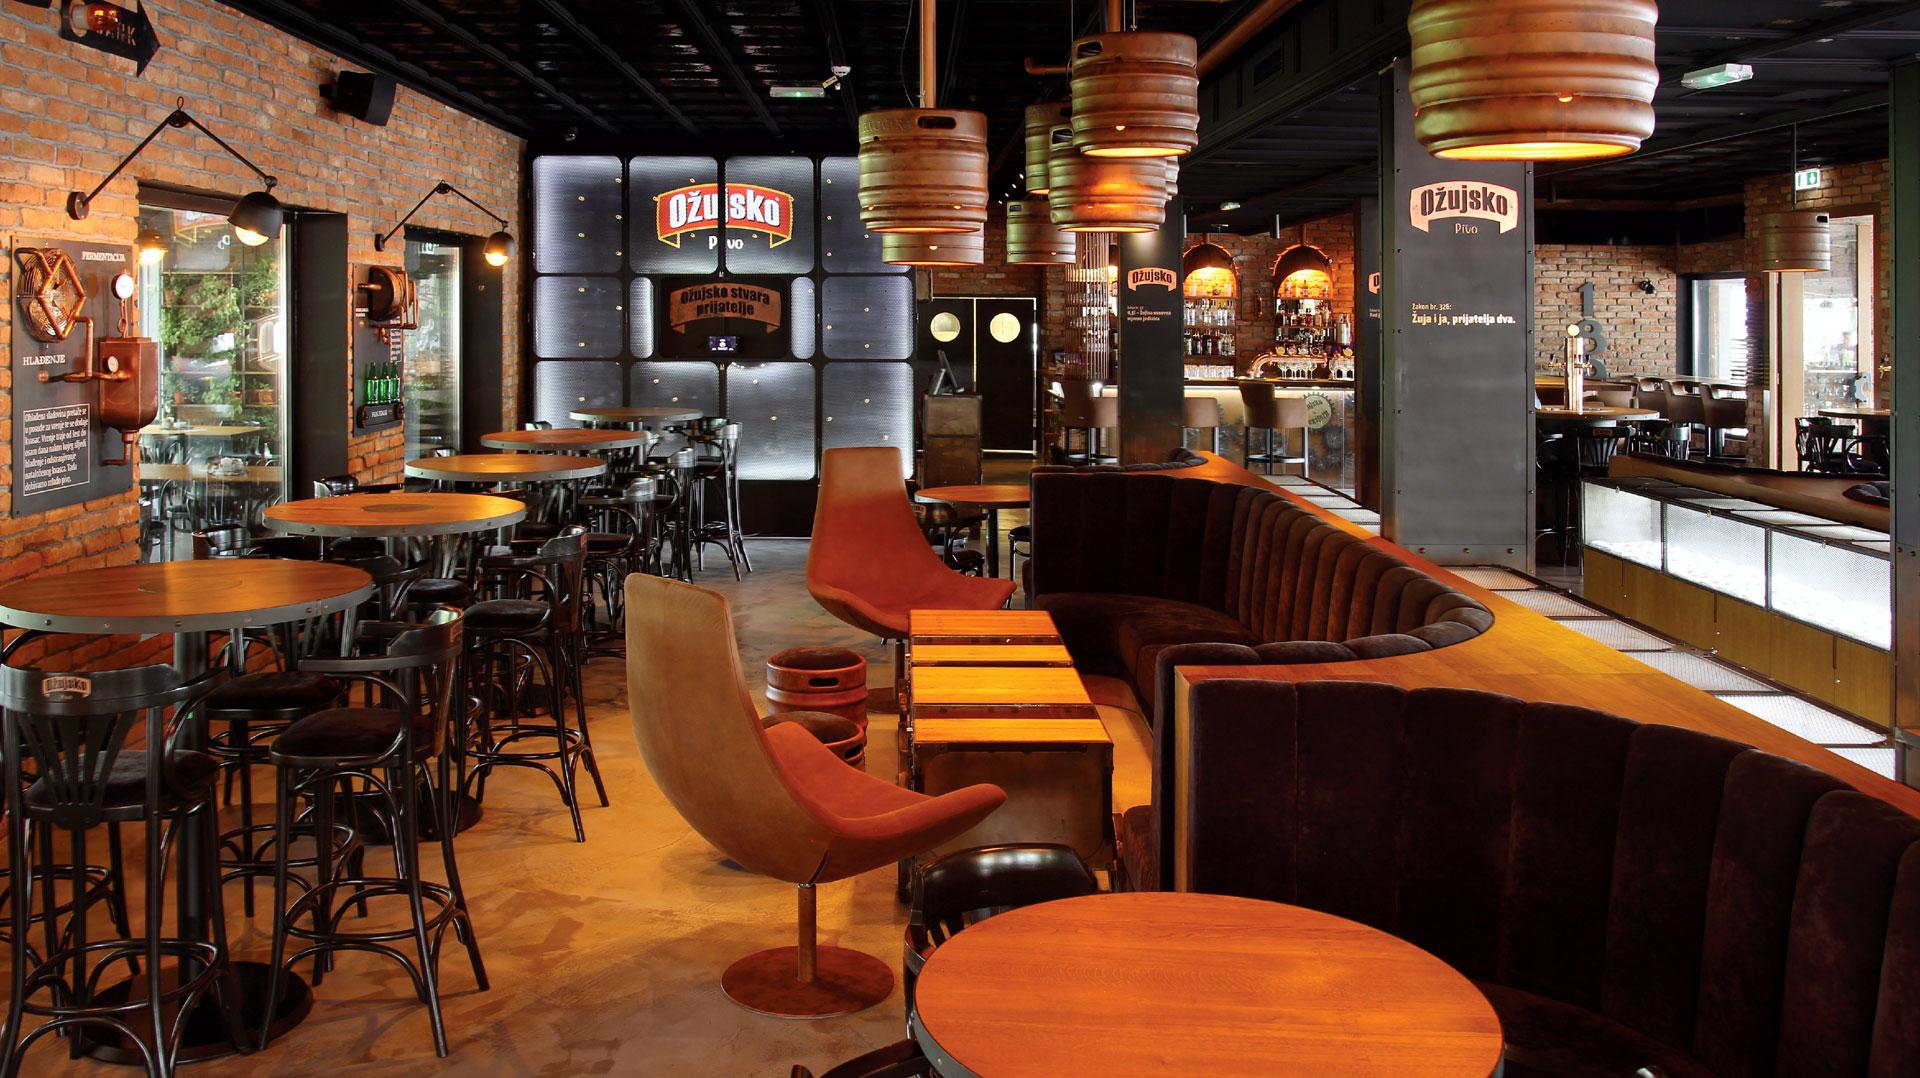 Ožujsko Pub Maksi, pivo i hrana u dobrm društvu, gurmanski restoran i vrhunska zabava